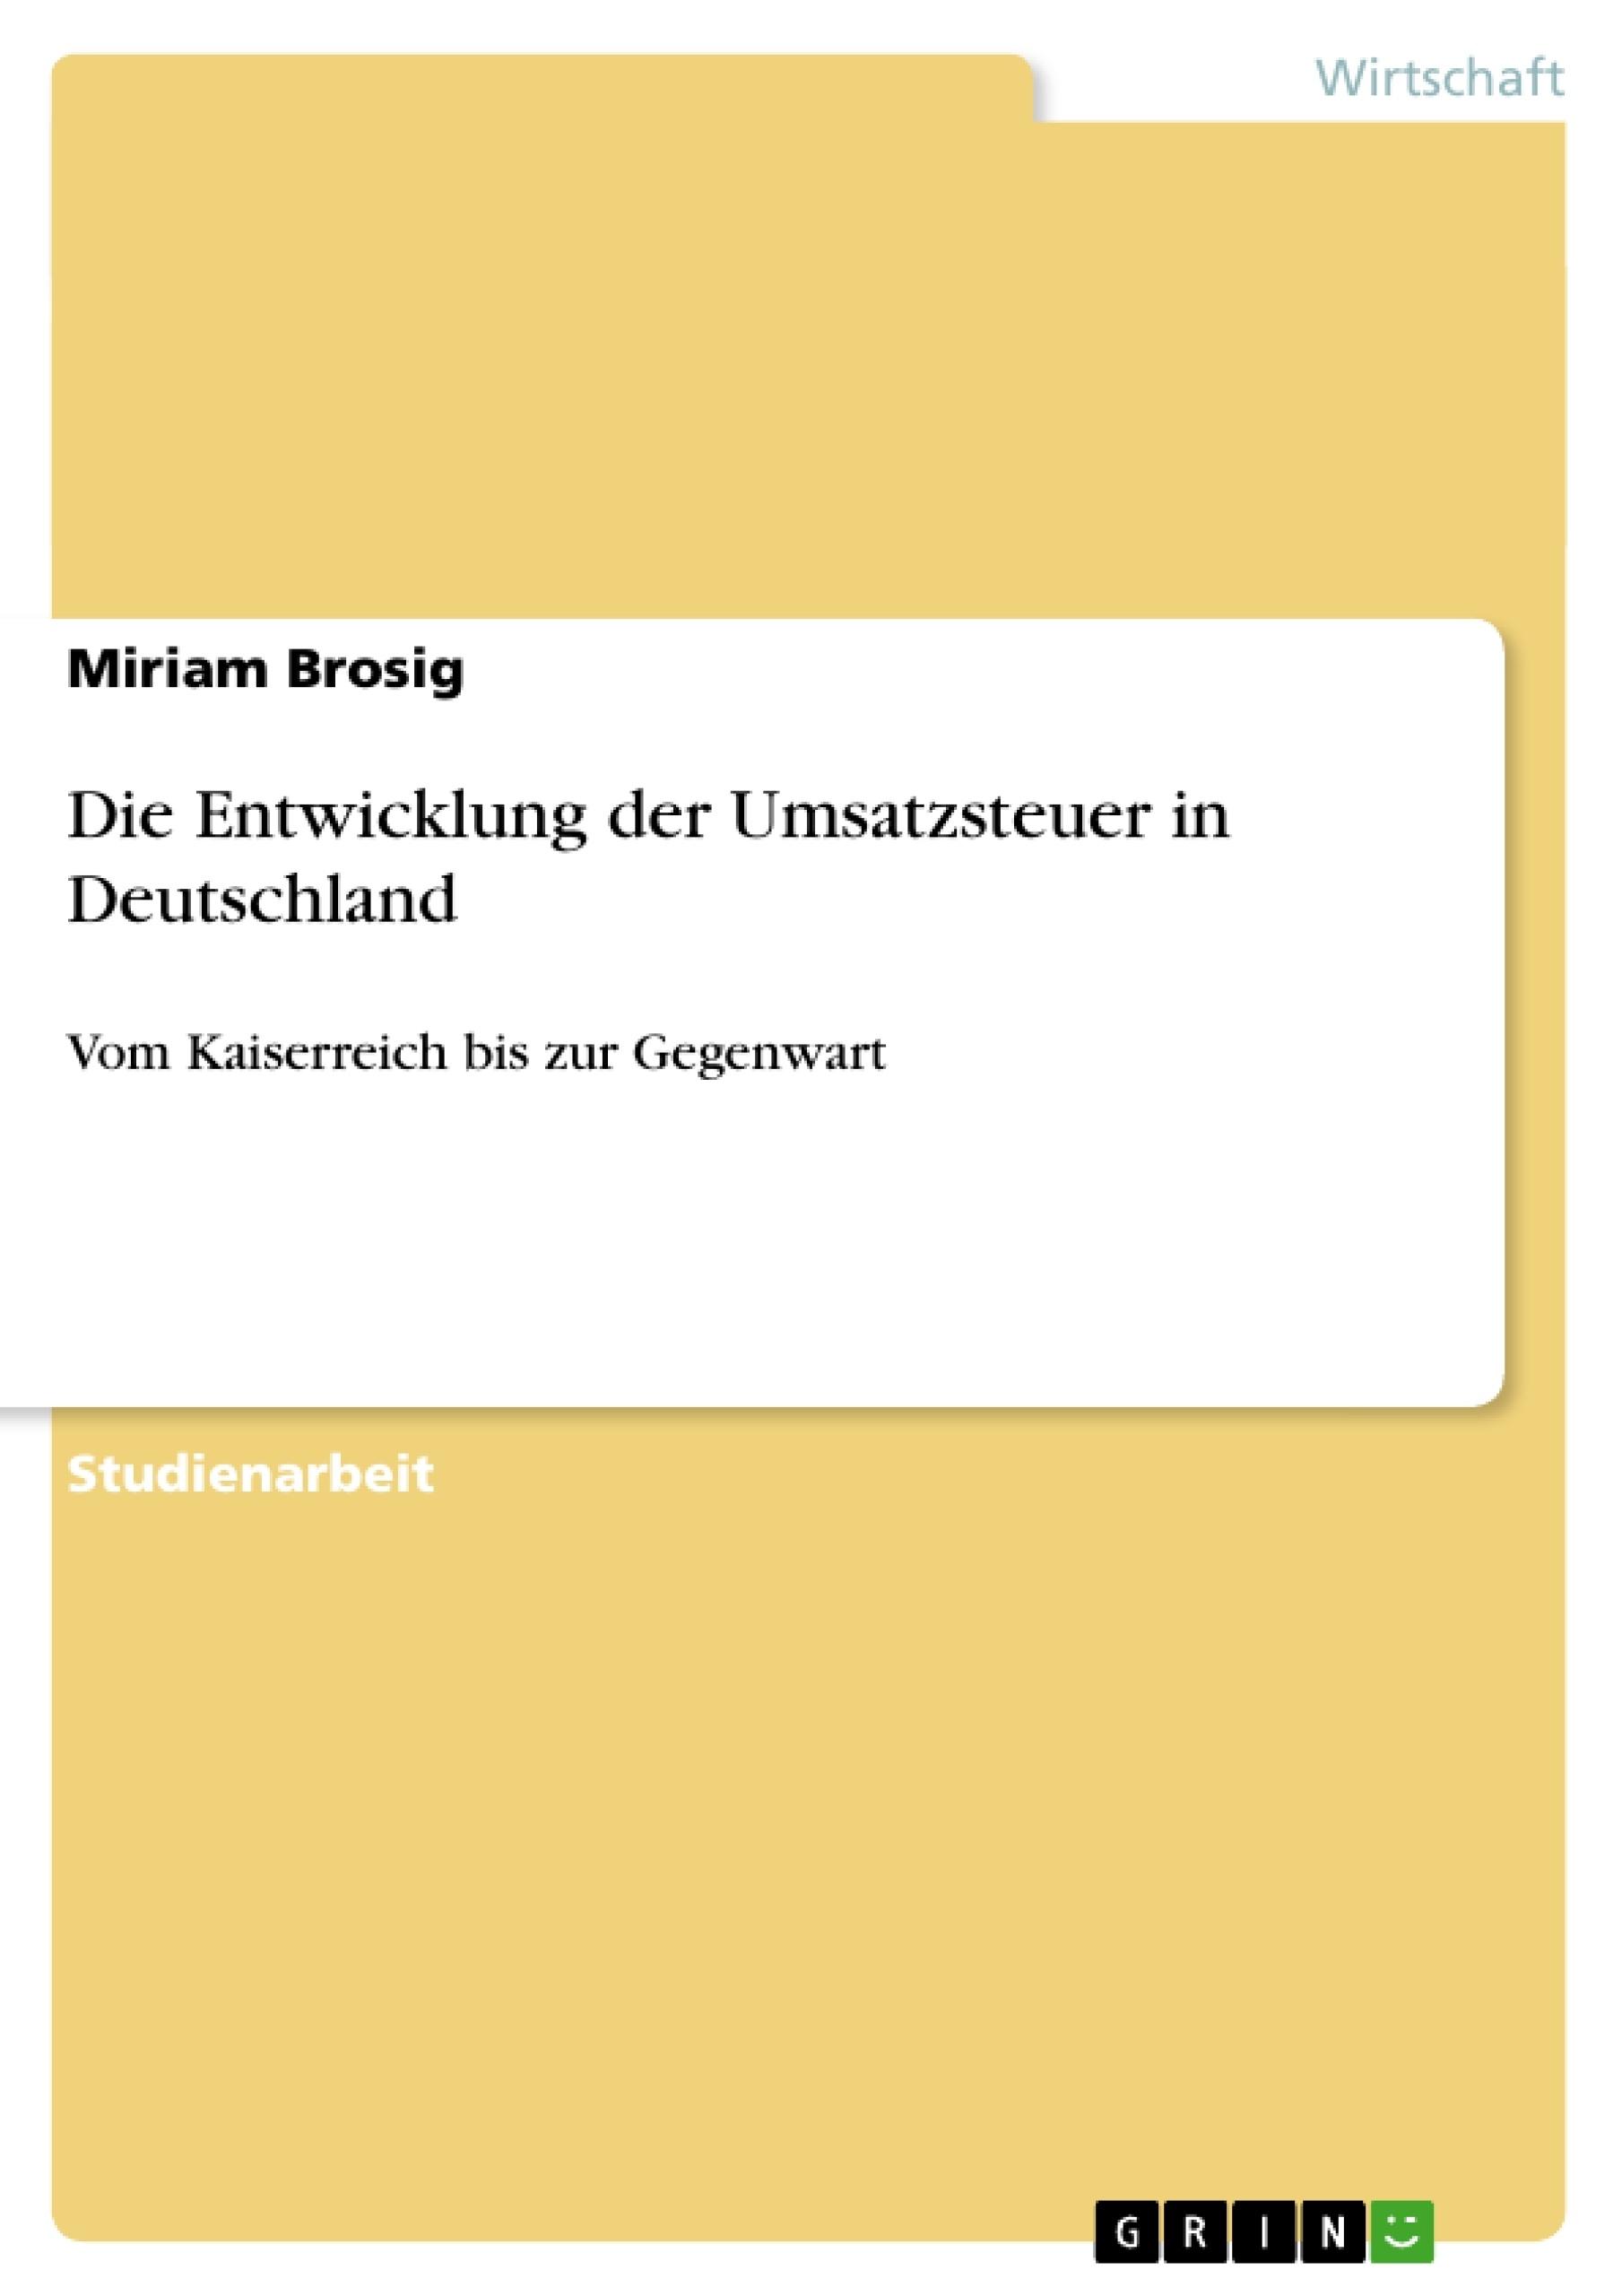 Titel: Die Entwicklung der Umsatzsteuer in Deutschland